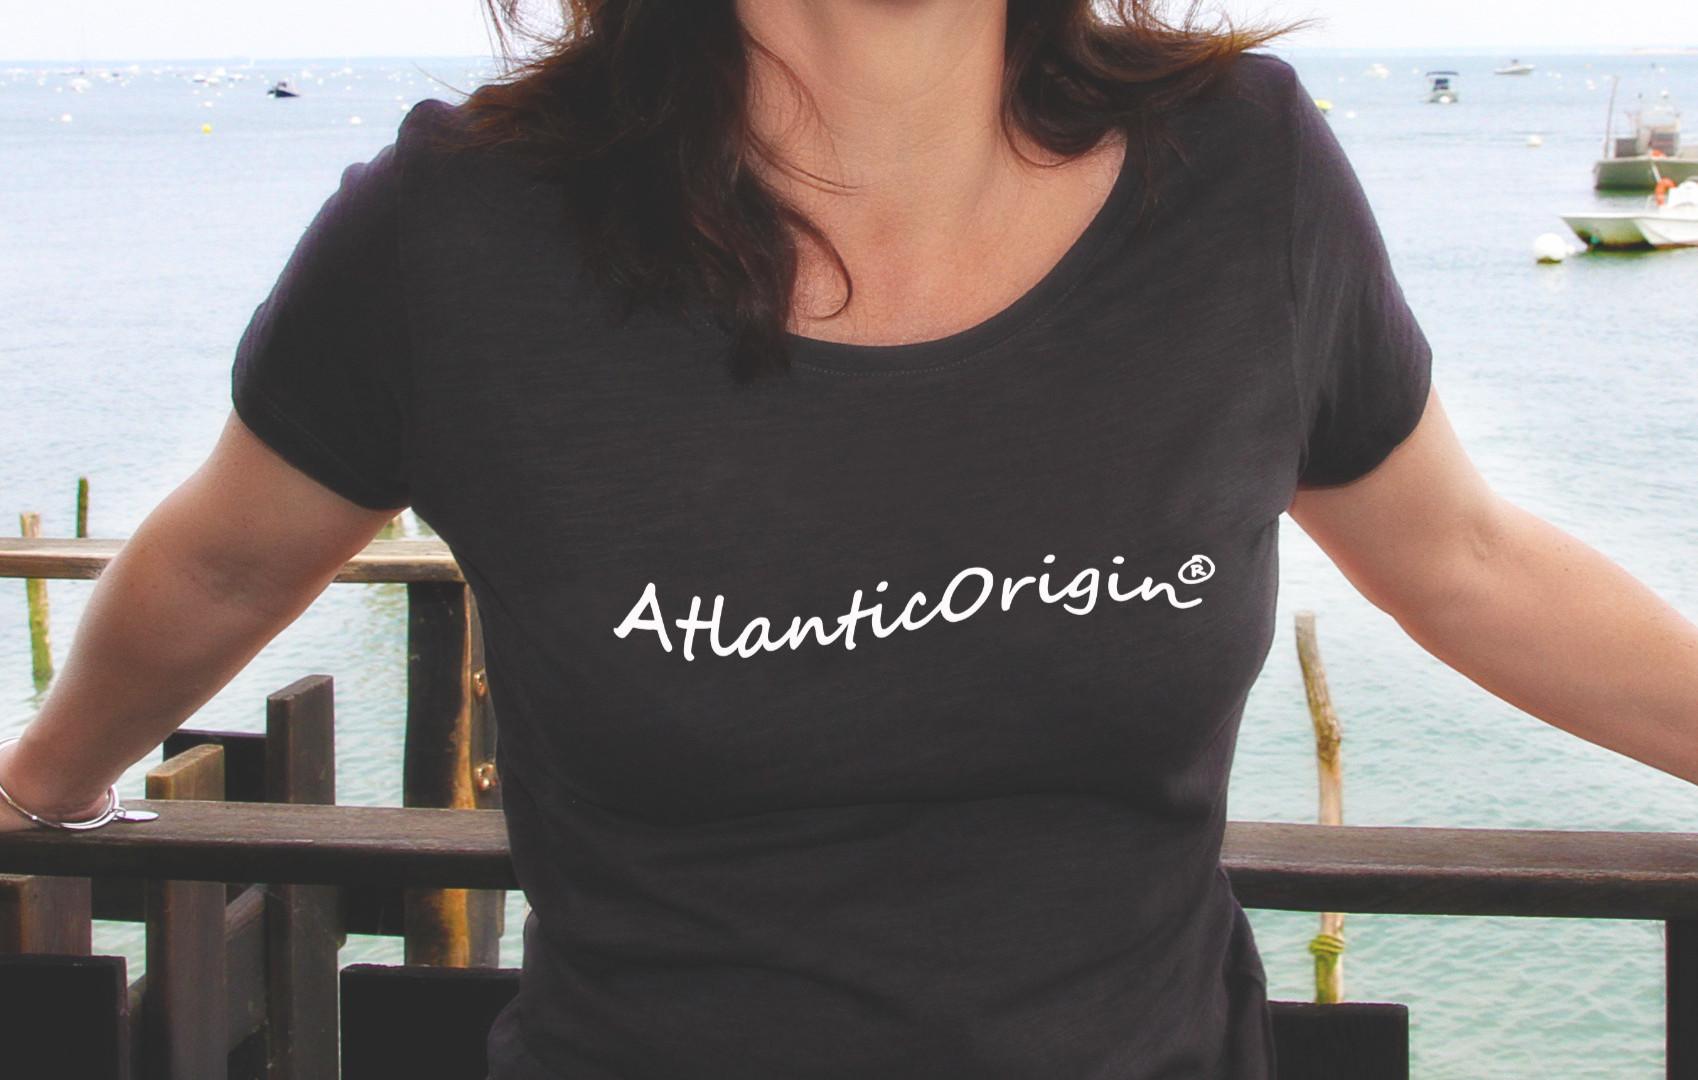 Atlanticorigin t-shirt bio